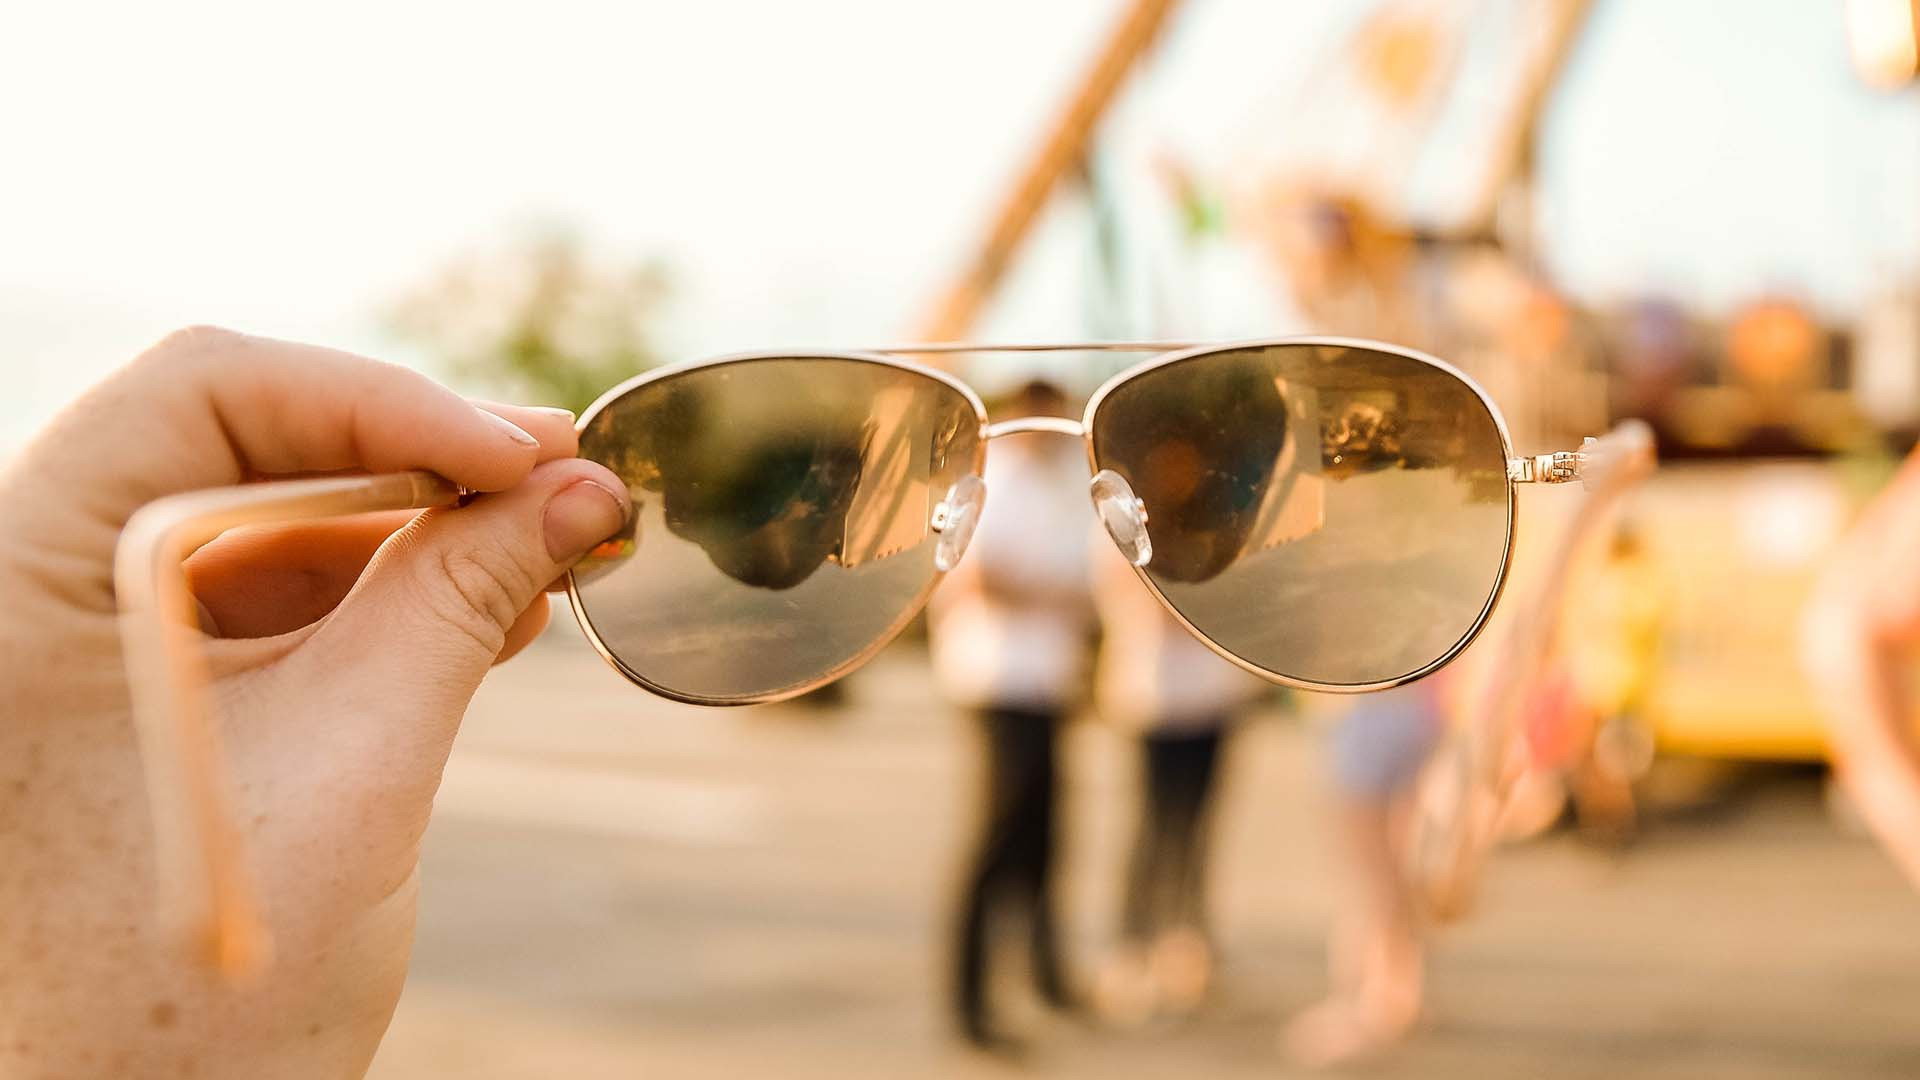 Occhiali da sole: come sceglierli con semplicità!